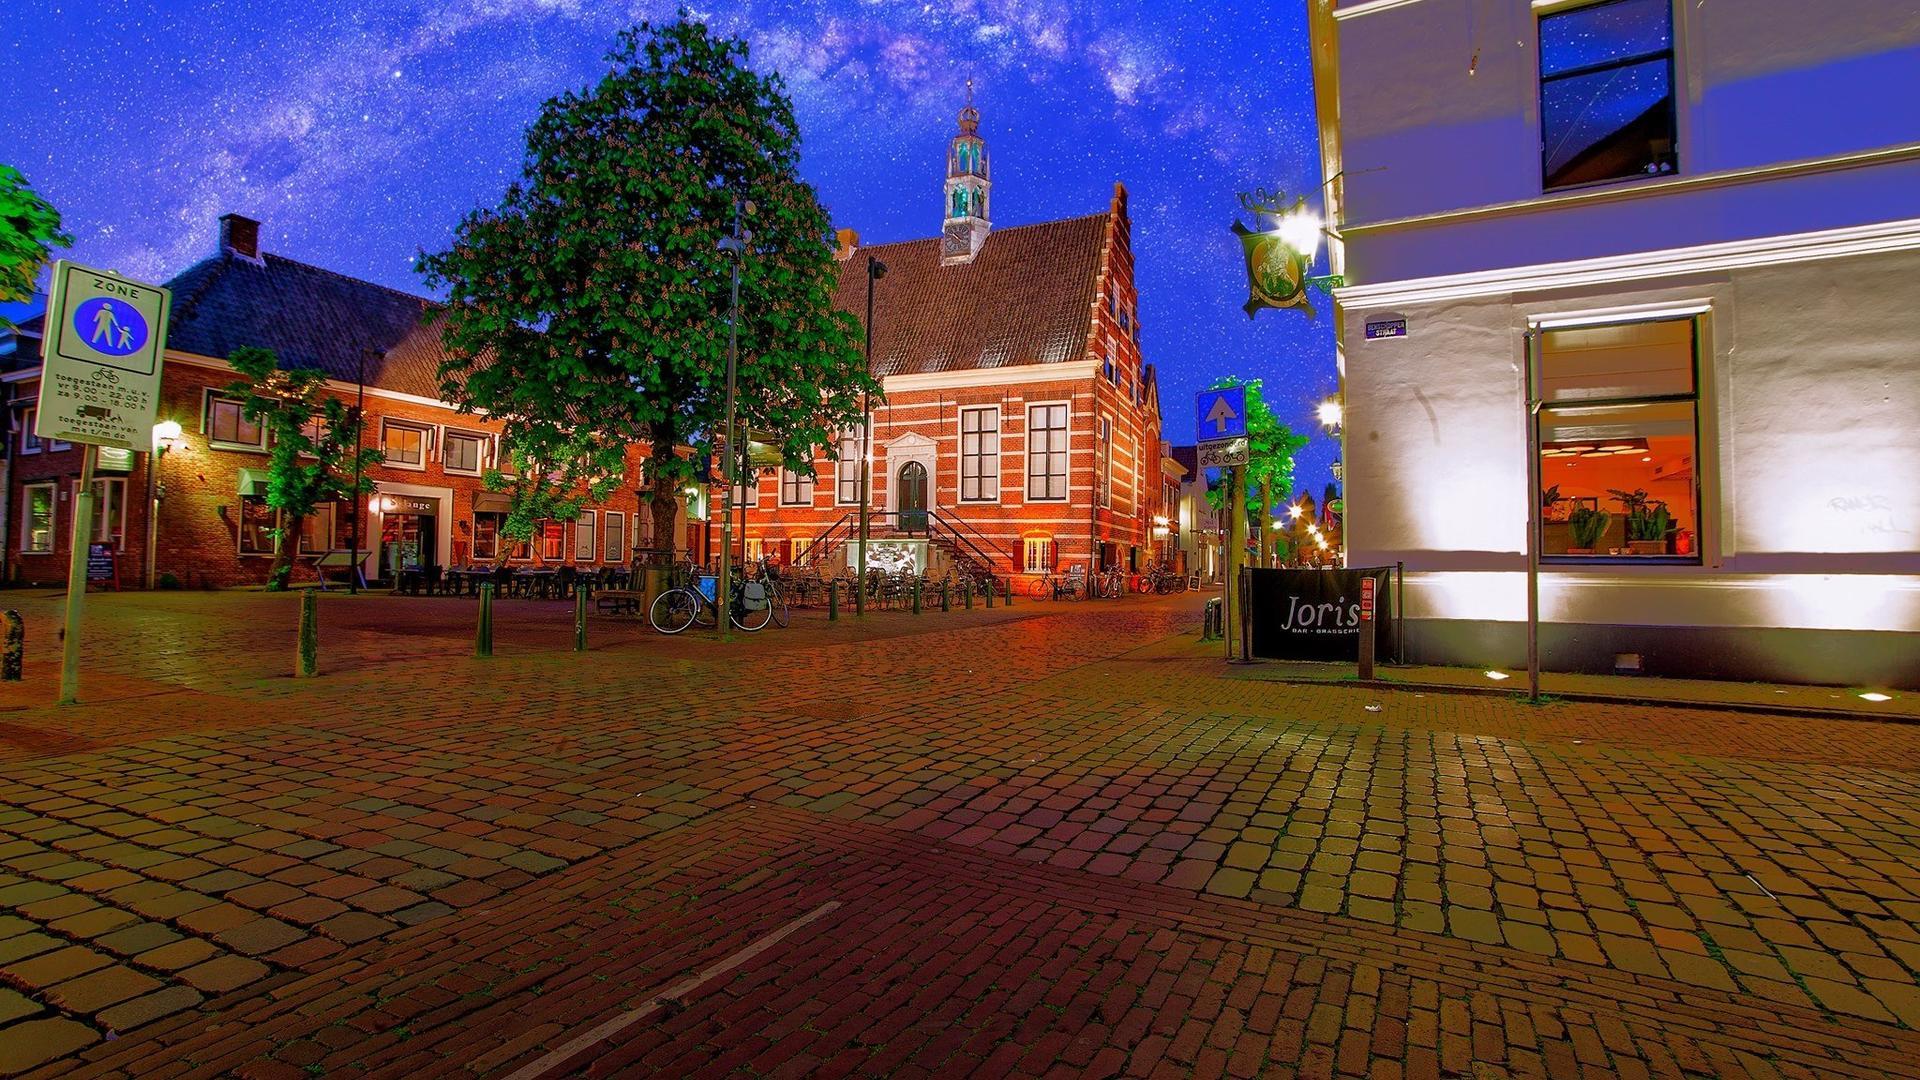 historisch-stadhuis-in-ijsselstein-uitgelicht2-m.-bakhash-.jpg